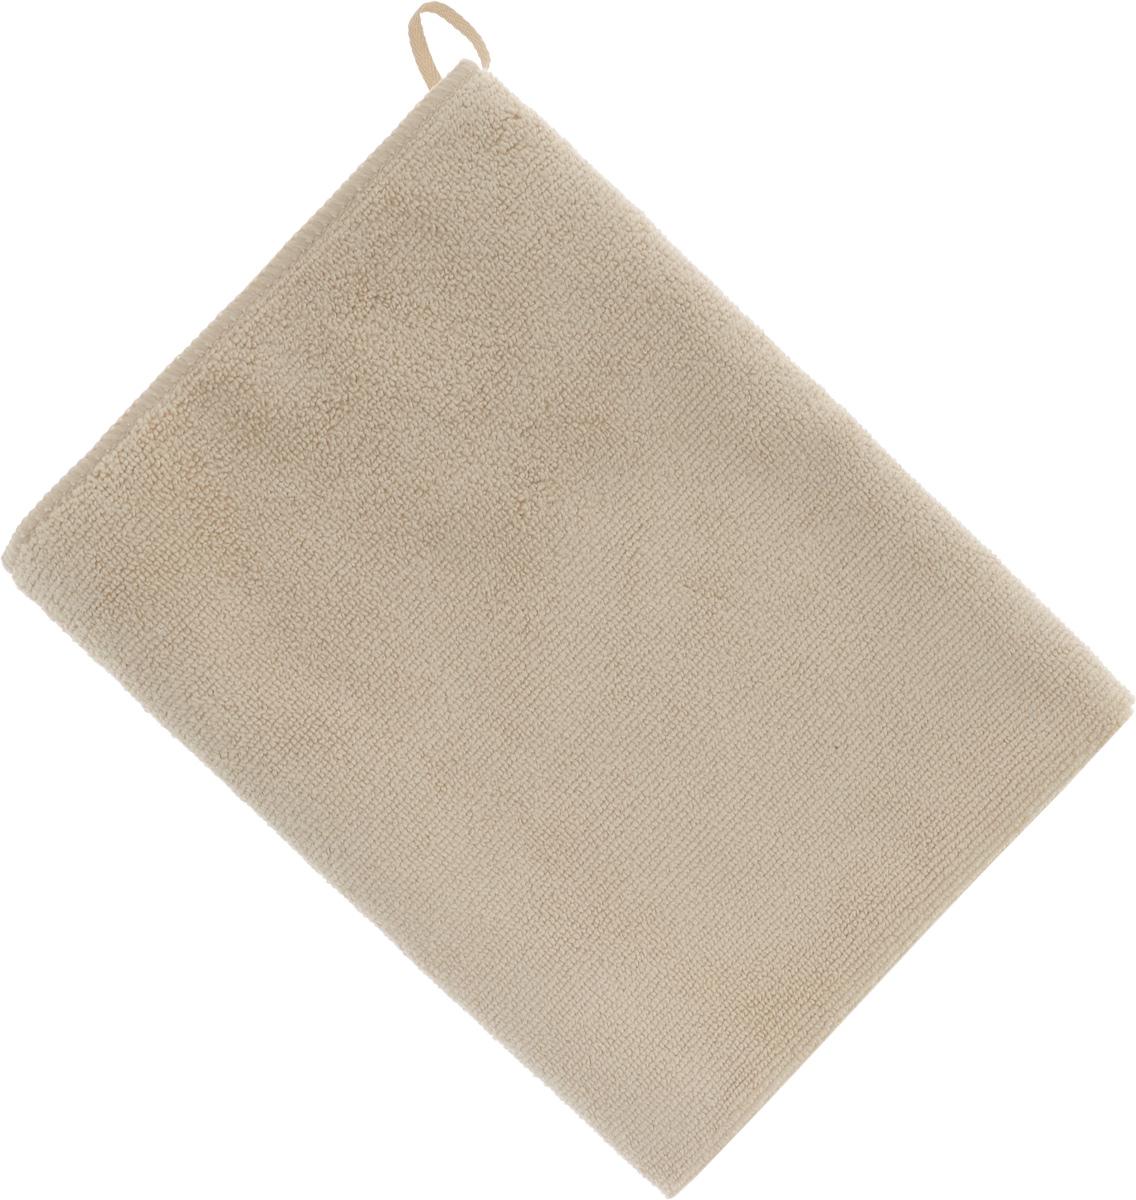 Полотенце кухонное Soavita, цвет: бежевый, 50 х 70 см63868Полотенце Soavita выполнено из микрофайбера (80% полиэстер и 20% полиамид). Изделие отлично впитывает влагу, быстро сохнет, сохраняет яркость цвета и не теряет форму даже после многократных стирок. Полотенце очень практично и неприхотливо в уходе. Оно создаст прекрасное настроение и украсит интерьер в ванной комнате.